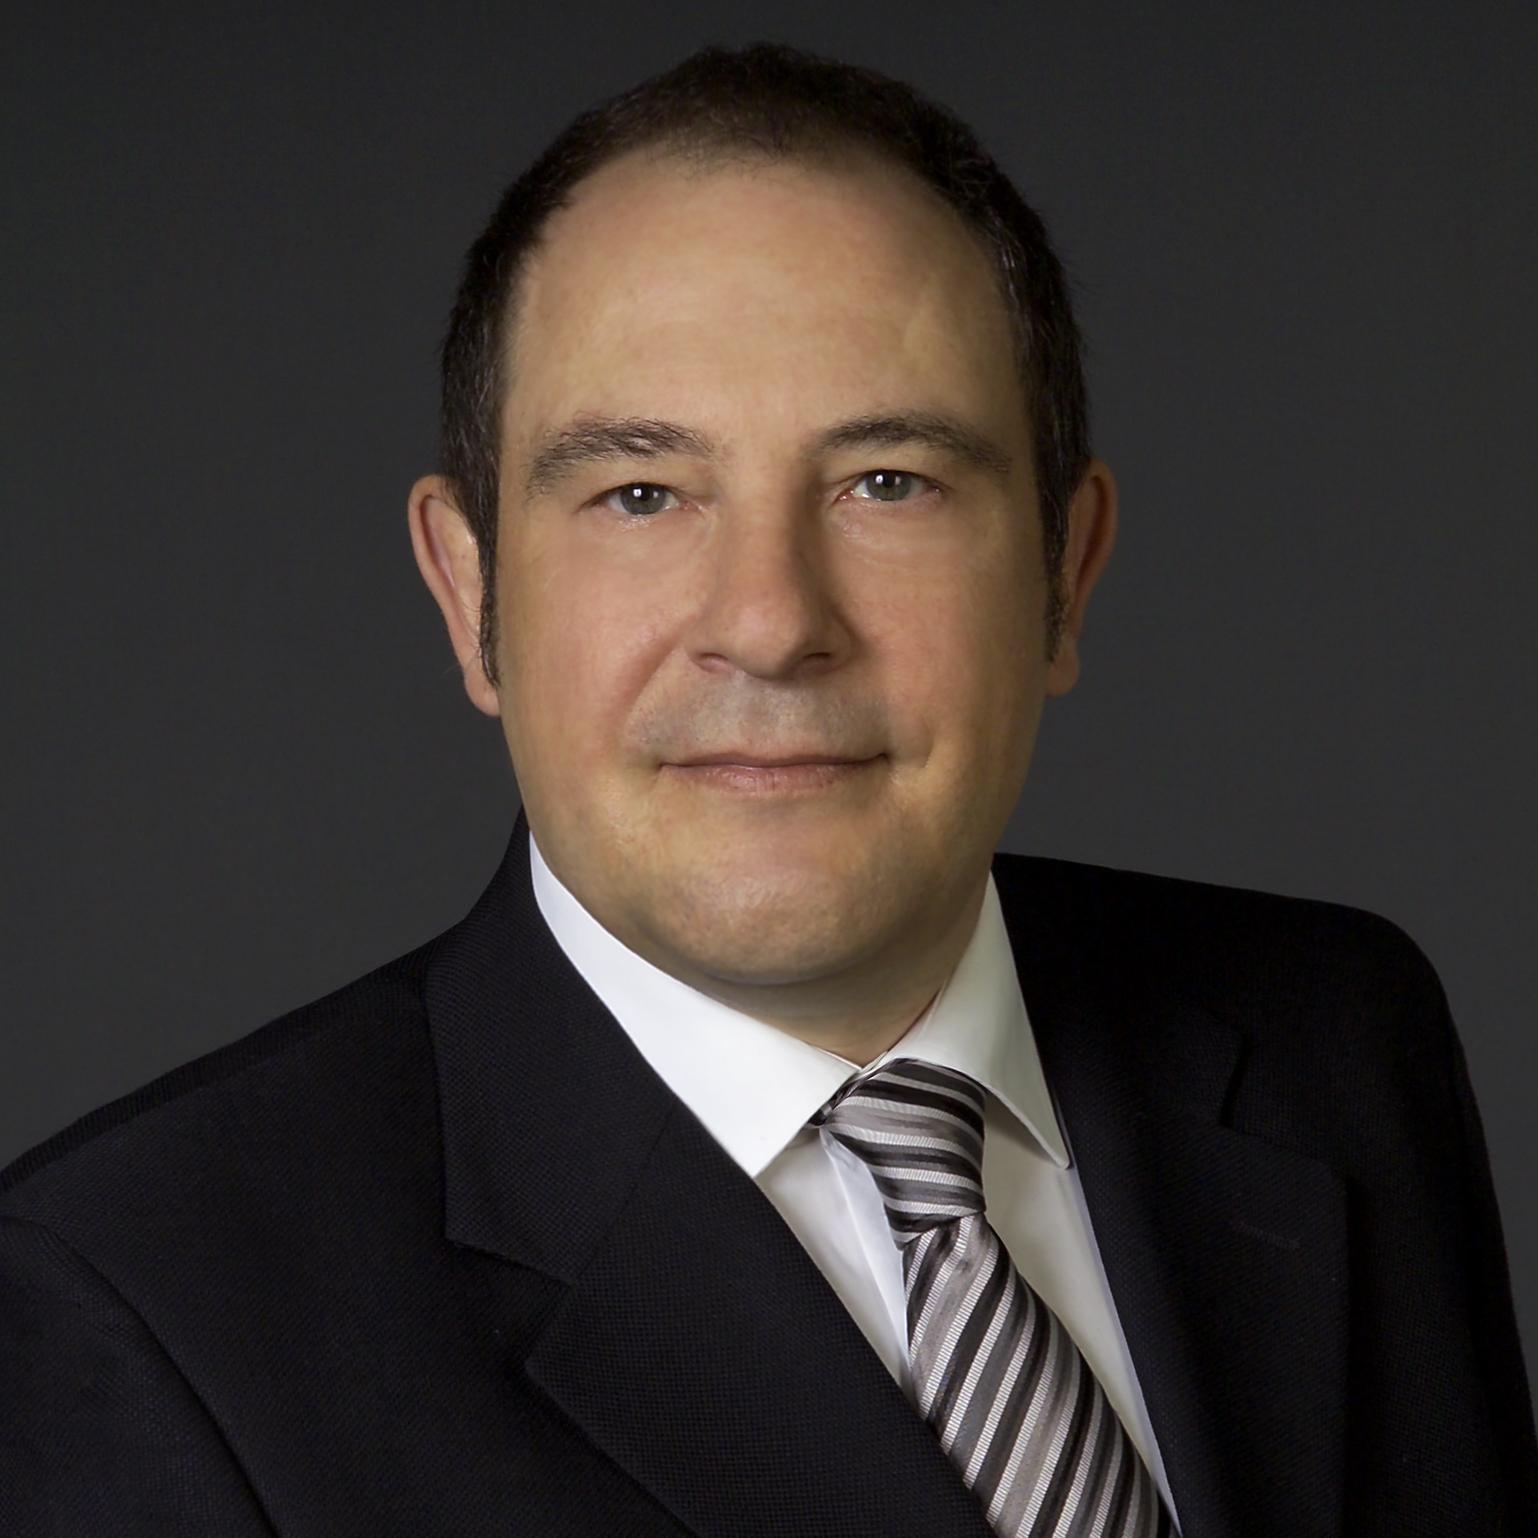 Dr. Heinz Güntensperger